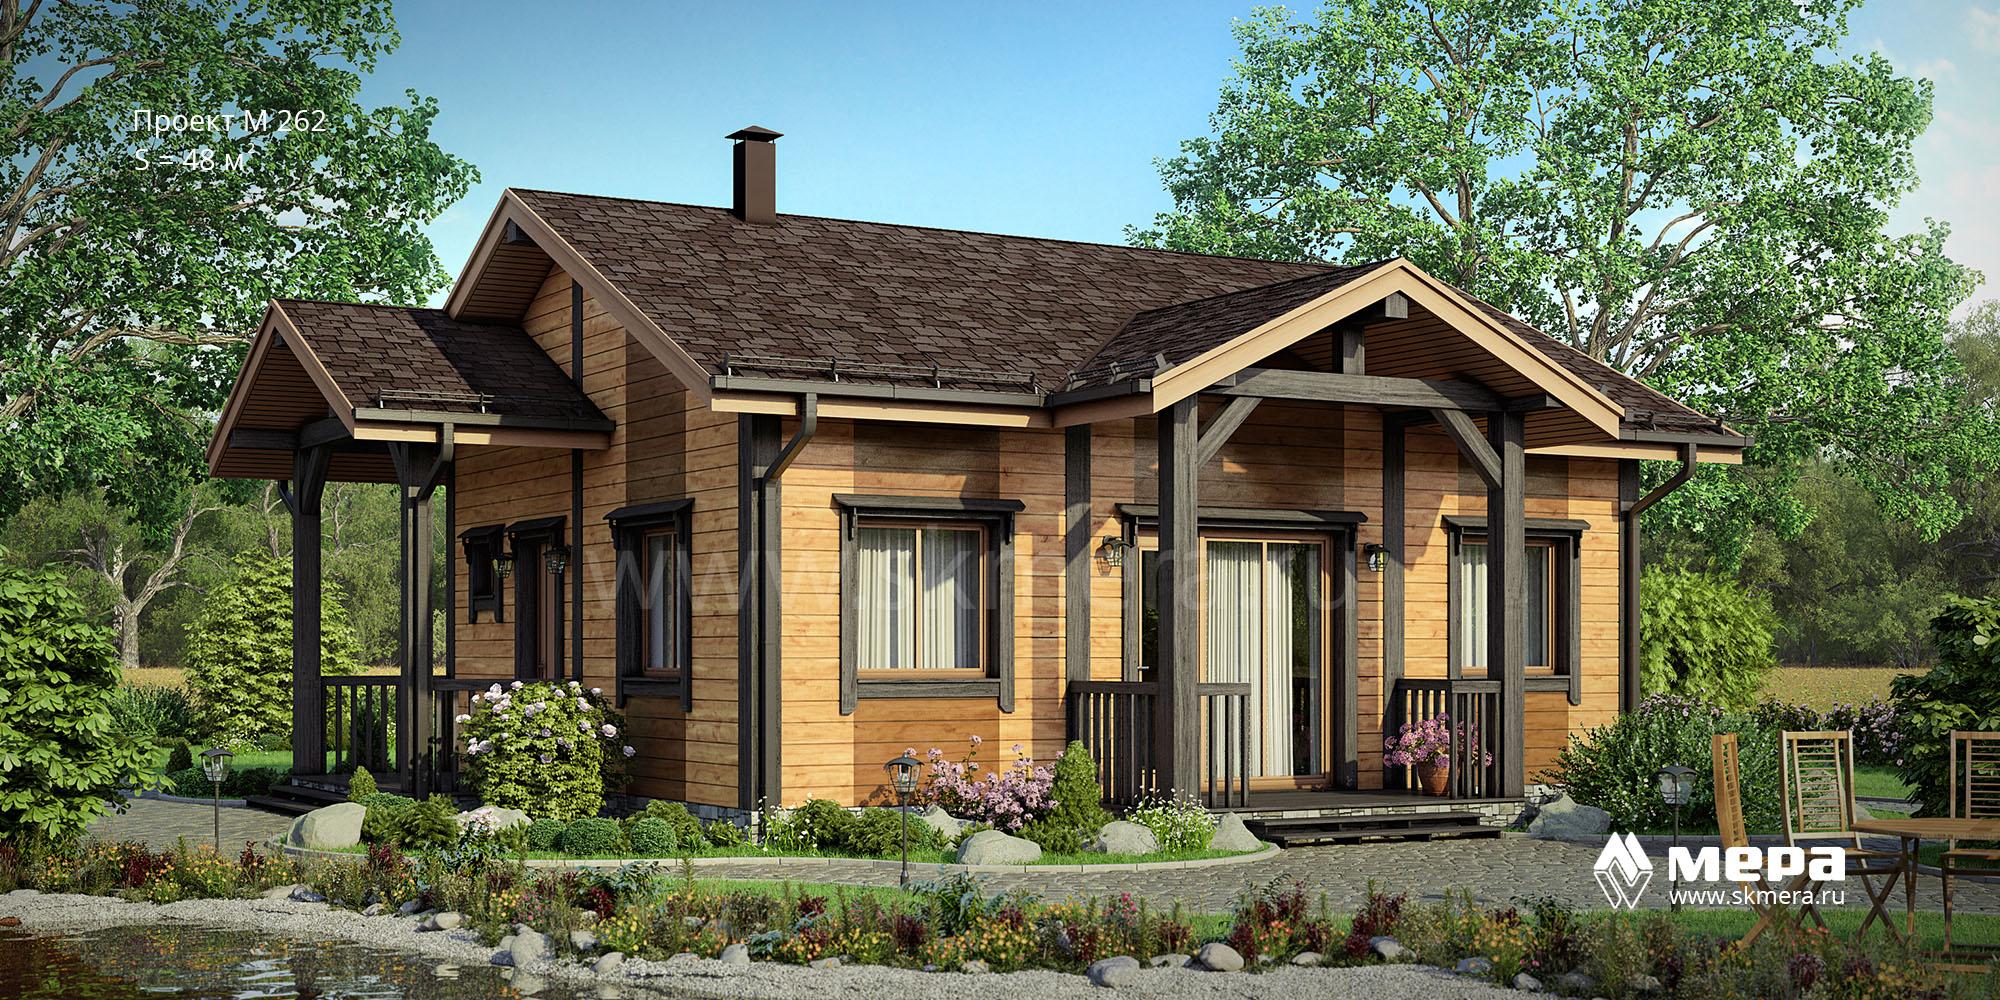 Каркасный дом по проекту M262